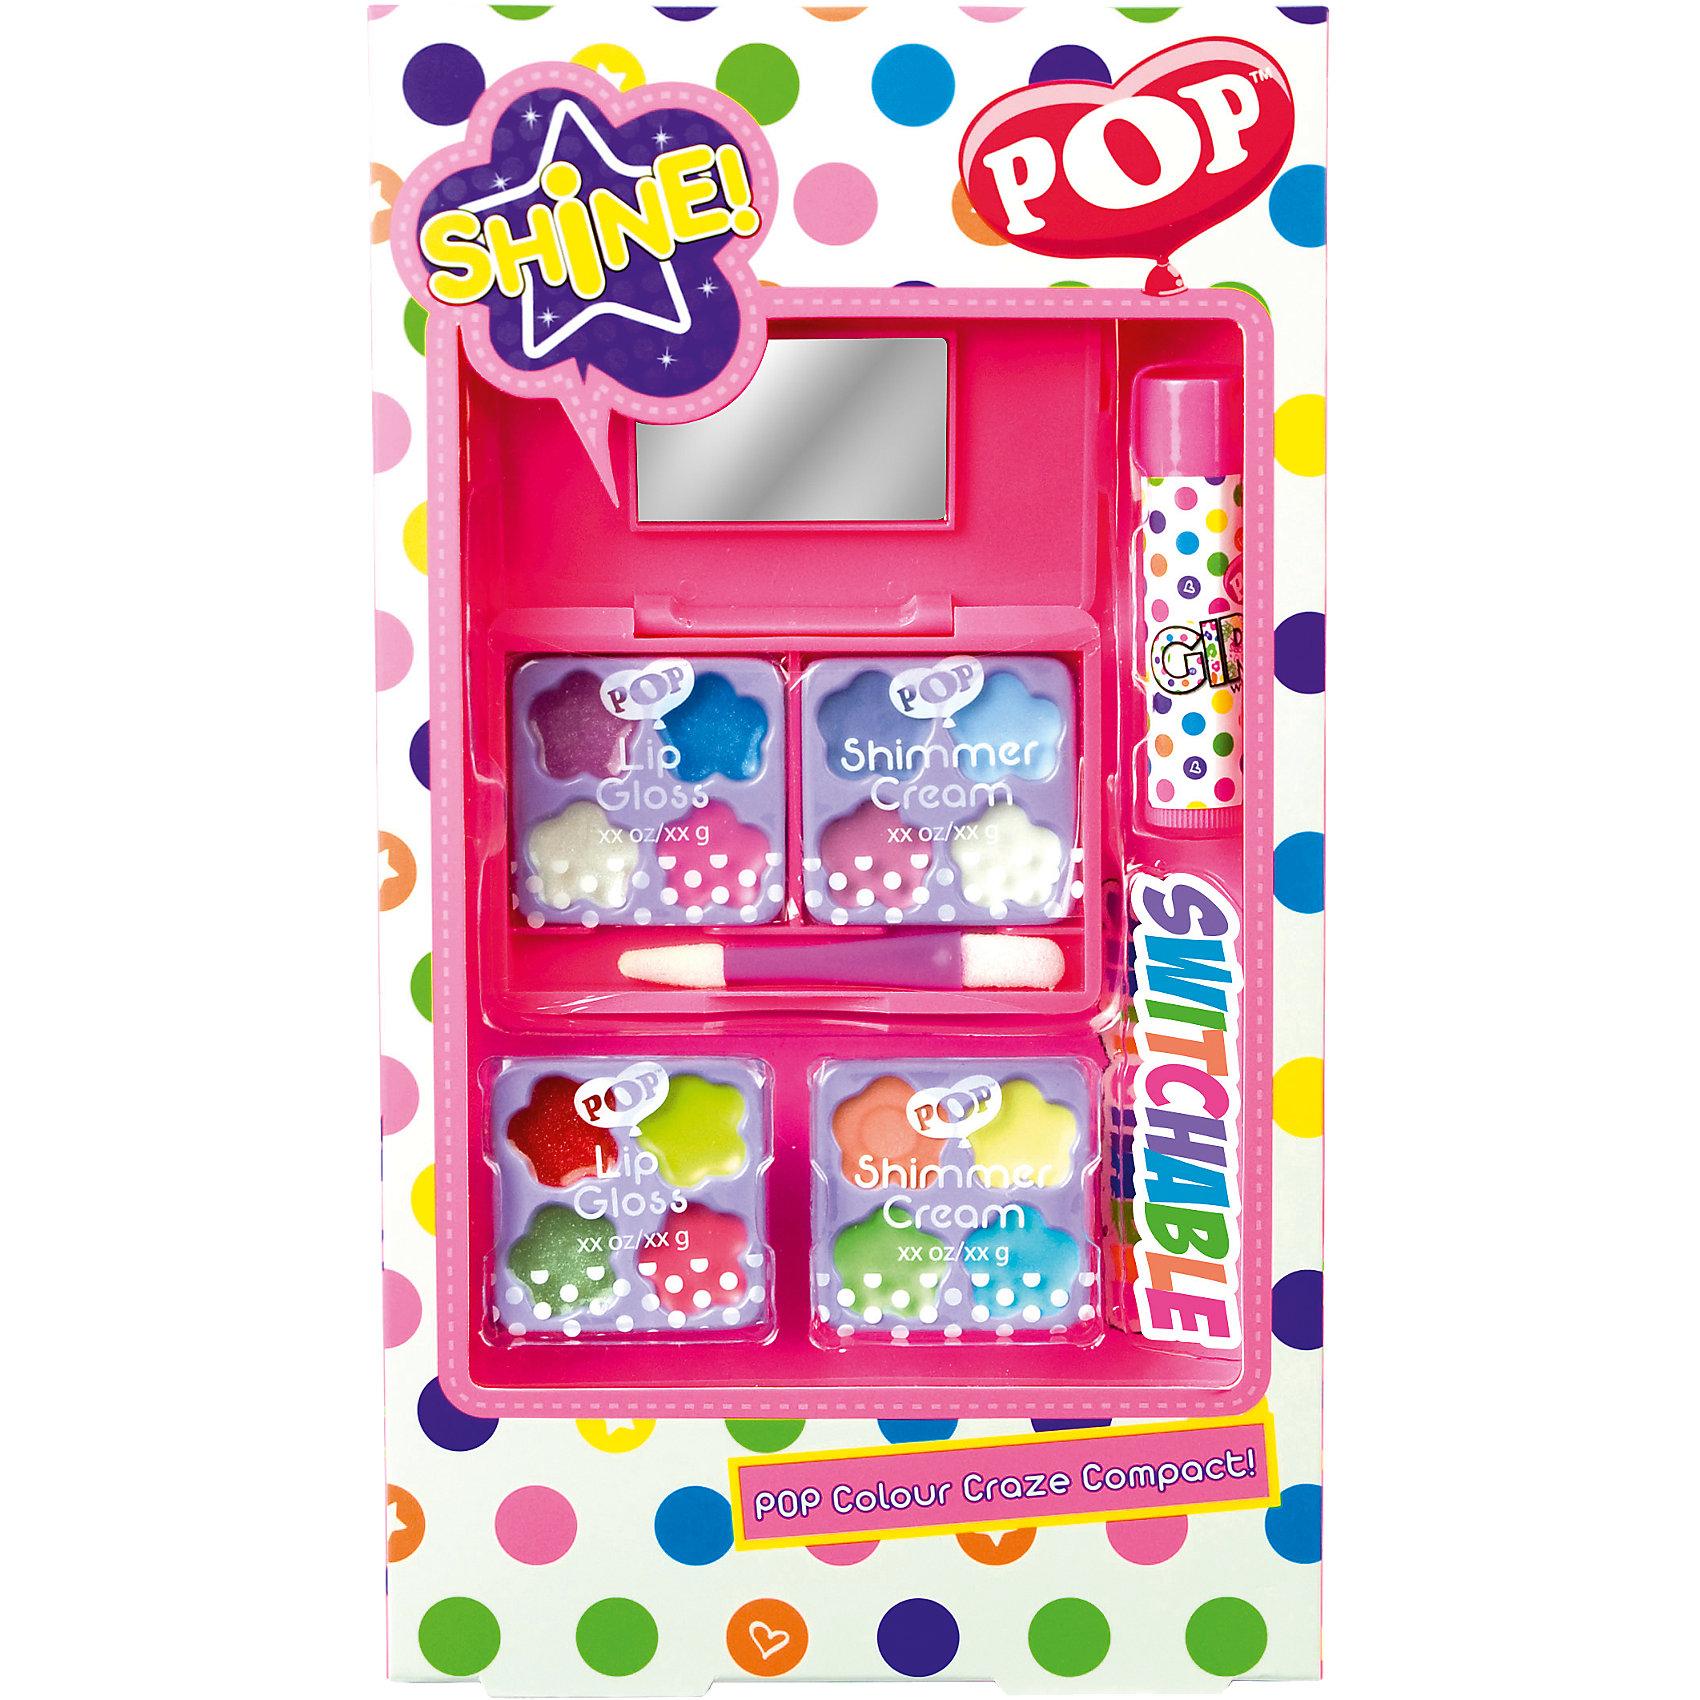 Игровой набор детской декоративной косметики POP для лицаХарактеристики:<br><br>• Наименование: детская декоративная косметика<br>• Предназначение: для сюжетно-ролевых игр<br>• Пол: для девочки<br>• Материал: натуральные косметические компоненты, пластик, картон<br>• Цвет: розовый, бирюзовый, желтый, зеленый и др.<br>• Комплектация: 8 оттенков блеска для губ, 8 оттенков кремовых теней, лака для ногтей, 2 баночки блеска для ногтей, лак с кистью для нанесения рисунка, блеск для губ в футляре, двусторонний аппликатор, зеркало в футляре<br>• Размеры (Д*Ш*В): 26*15*3,5 см<br>• Вес: 115 г <br>• Упаковка: картонная коробка с блистером<br><br>Игровой набор детской декоративной косметики POP для лица – это набор игровой детской косметики от Markwins, которая вот уже несколько десятилетий специализируется на выпуске детской косметики. Рецептура декоративной детской косметики разработана совместно с косметологами и медиками, в основе рецептуры – водная основа, а потому она гипоаллергенны, не вызывает раздражений на детской коже и легко смывается, не оставляя следа. Безопасность продукции подтверждена международными сертификатами качества и безопасности. <br>Игровой набор детской декоративной косметики POP состоит из палитры оттенков блеска для губ и теней для век. В комплекте предусмотрен двухсторонний аппликатор и зеркальце в футляре. Косметические средства, входящие в состав набора, имеют длительный срок хранения – 12 месяцев. Игровой набор детской декоративной косметики POP от Markwins может стать незаменимым праздничным подарком для любой маленькой модницы!<br><br>Игровой набор детской декоративной косметики POP для лица можно купить в нашем интернет-магазине.<br><br>Ширина мм: 140<br>Глубина мм: 28<br>Высота мм: 252<br>Вес г: 110<br>Возраст от месяцев: 48<br>Возраст до месяцев: 108<br>Пол: Женский<br>Возраст: Детский<br>SKU: 4540663